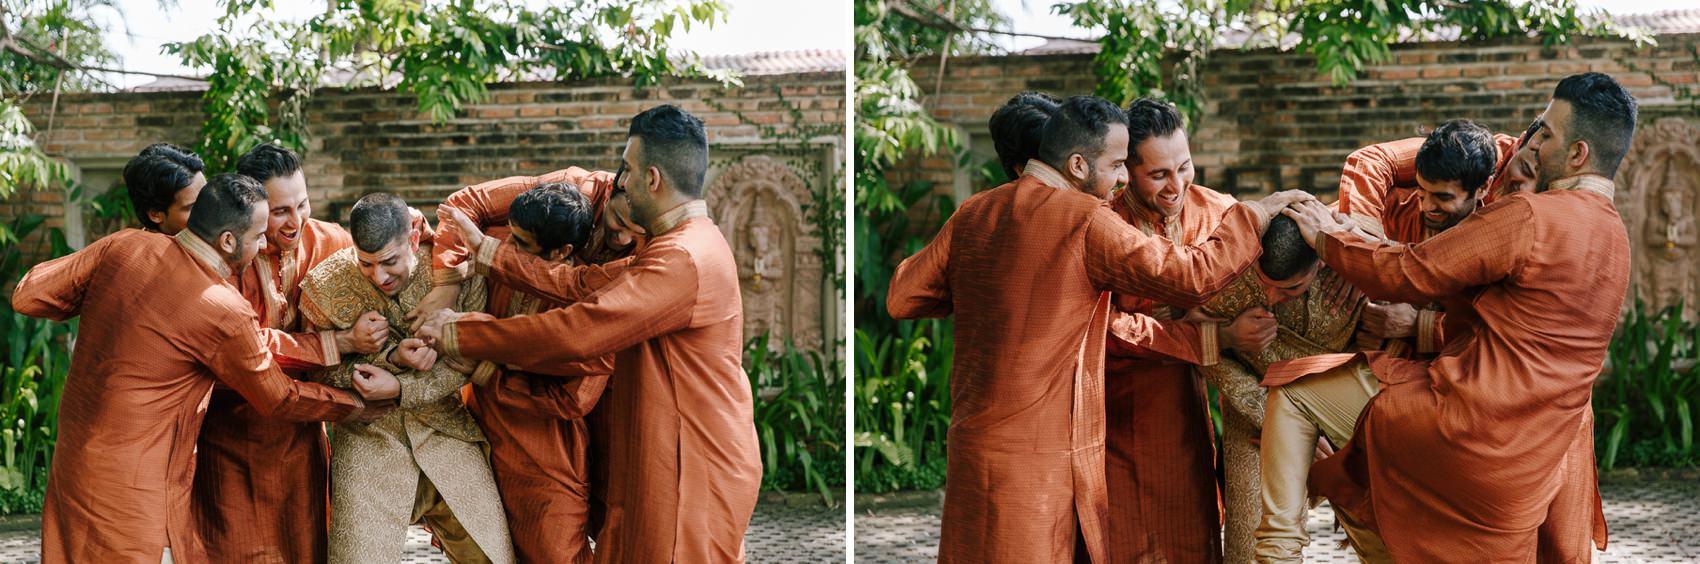 Indian-Wedding-Photography-Maala-Rohan_0255